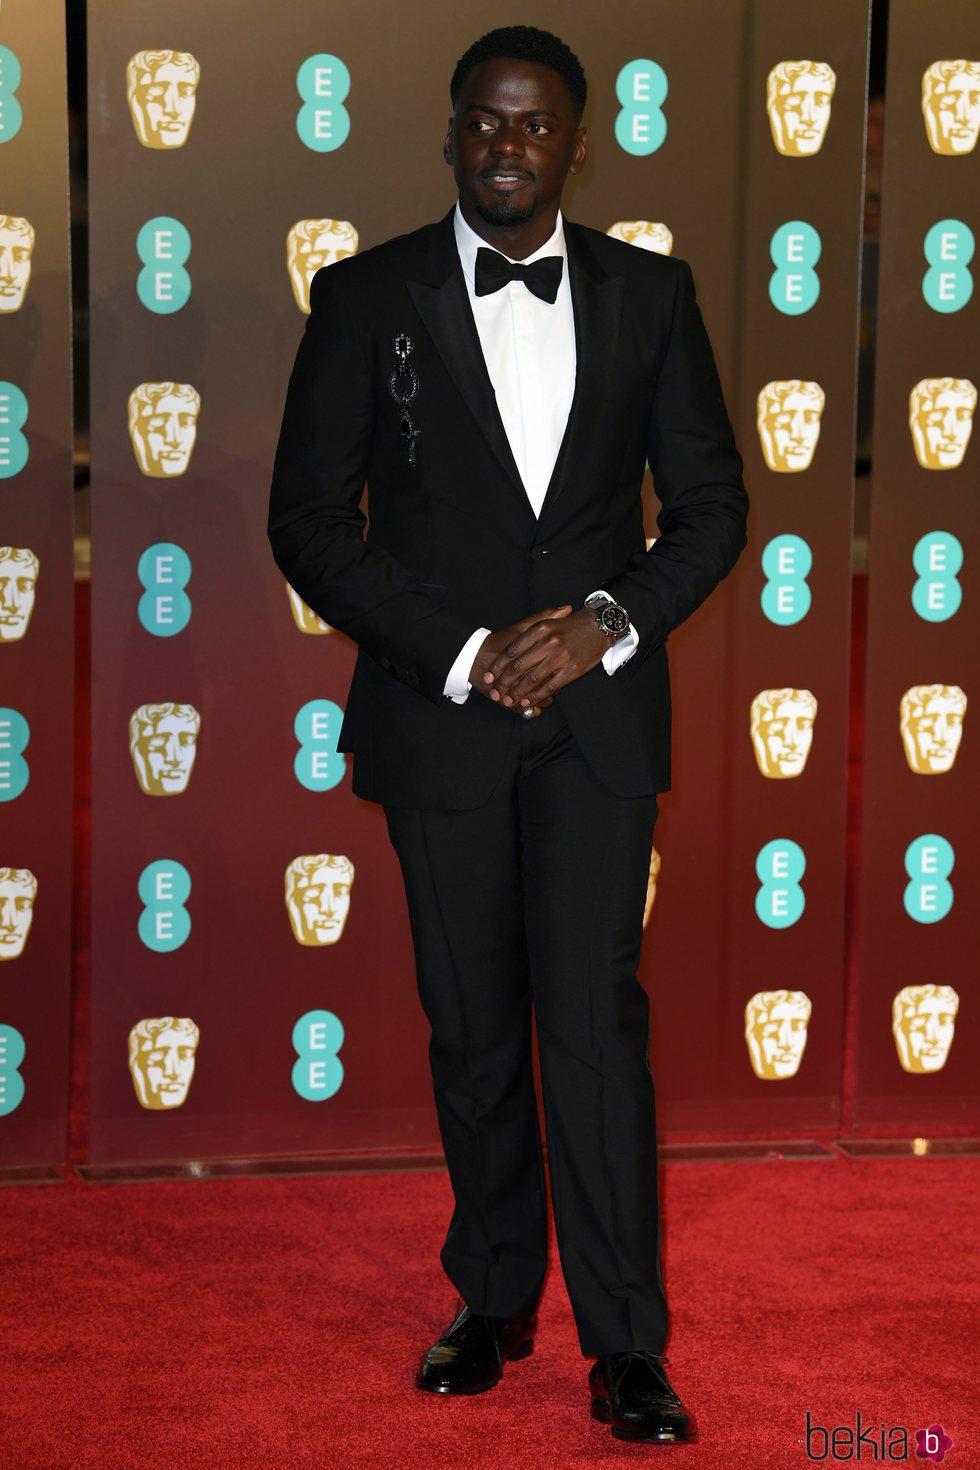 Daniel Kaluuya en la alfombra roja de los Premios BAFTA 2018